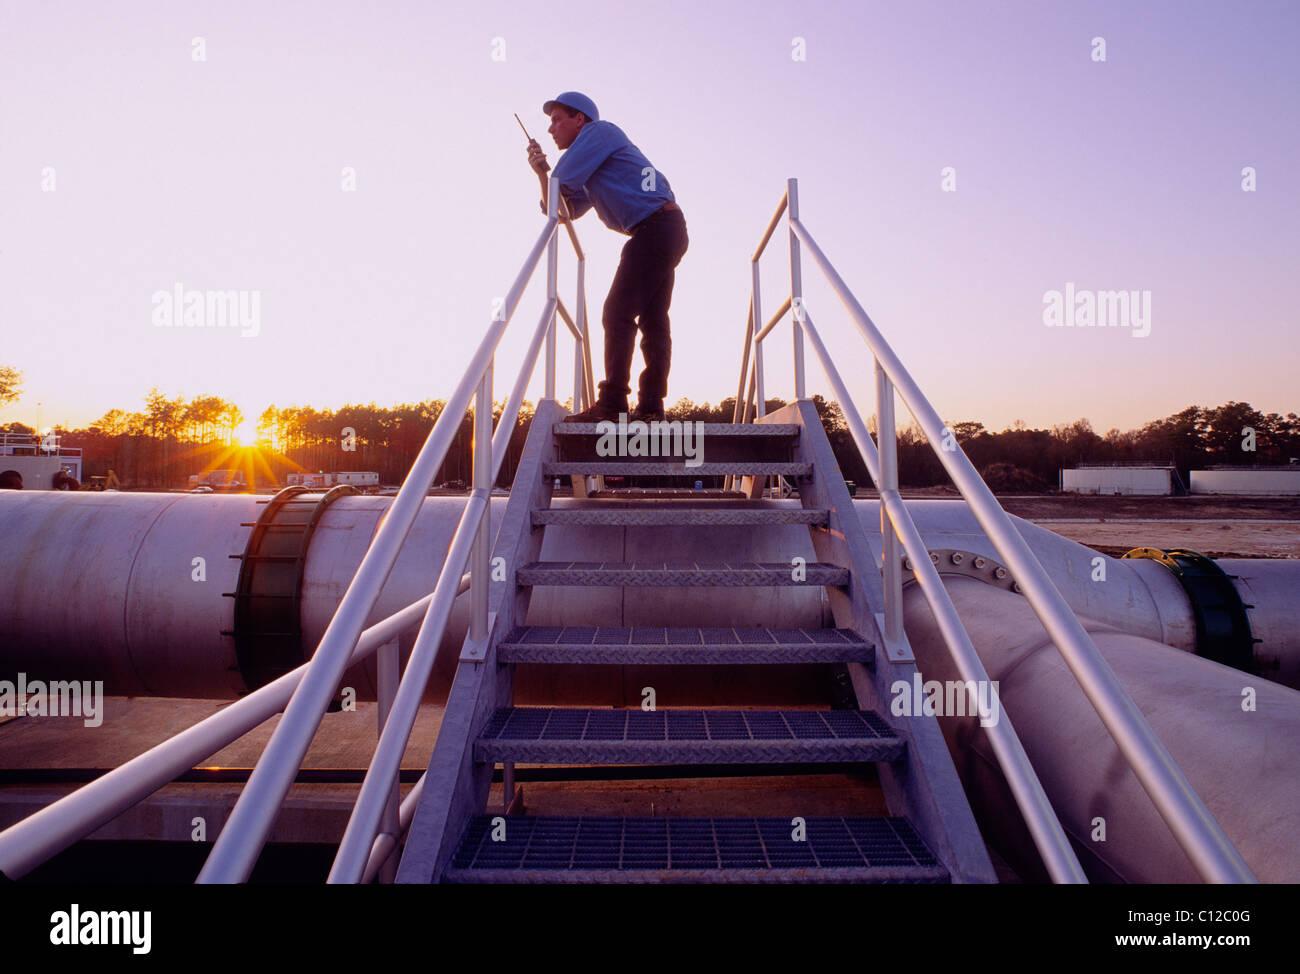 Mécanicien sur un walkie talkie radio au coucher du soleil à une usine de traitement des eaux usées, Photo Stock